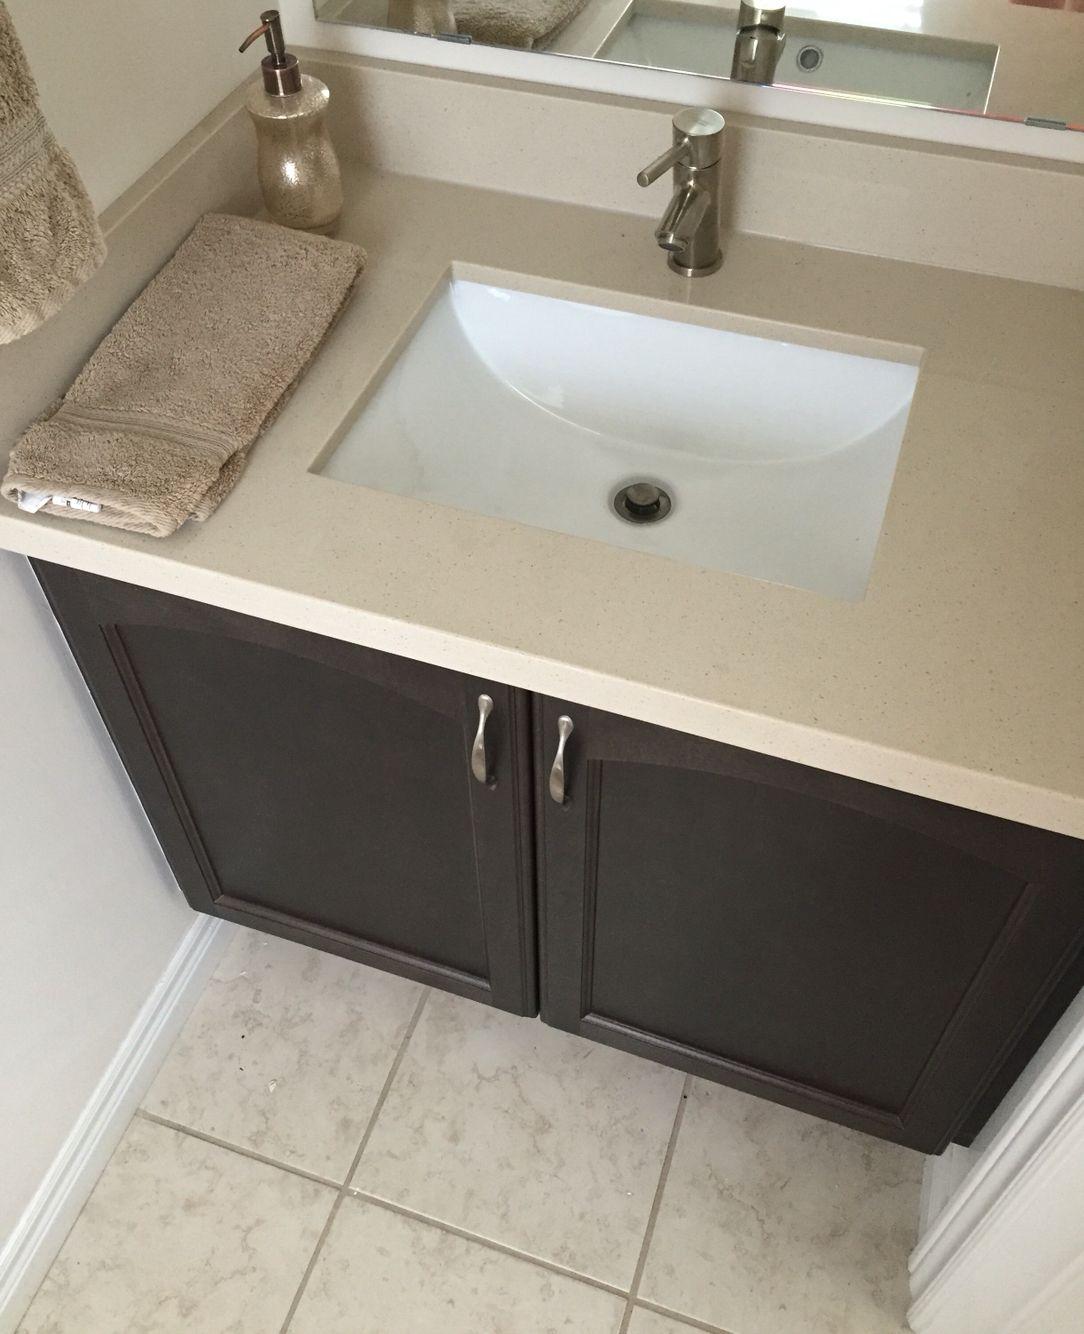 Pebble Rock Quartz Bathroom Countertop